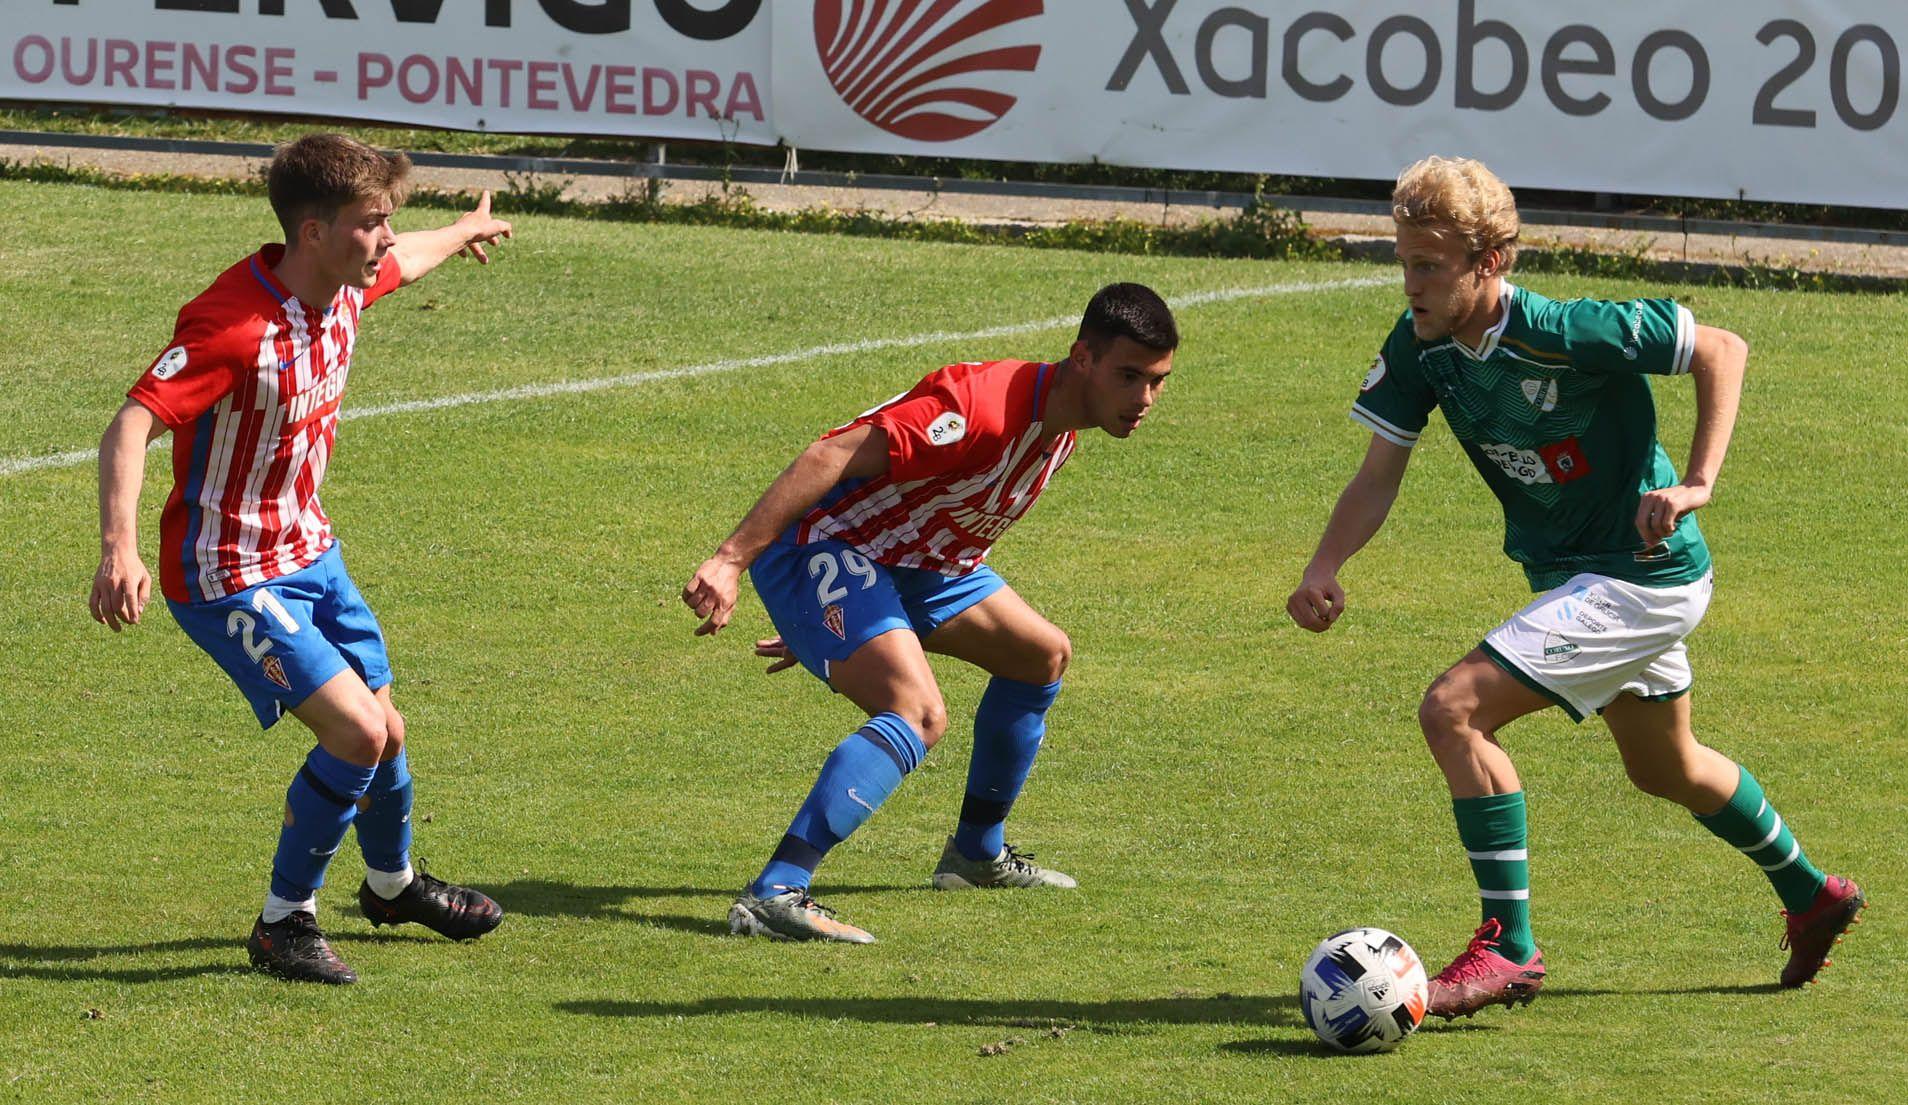 Partido Coruxo - Sporting Gijón B